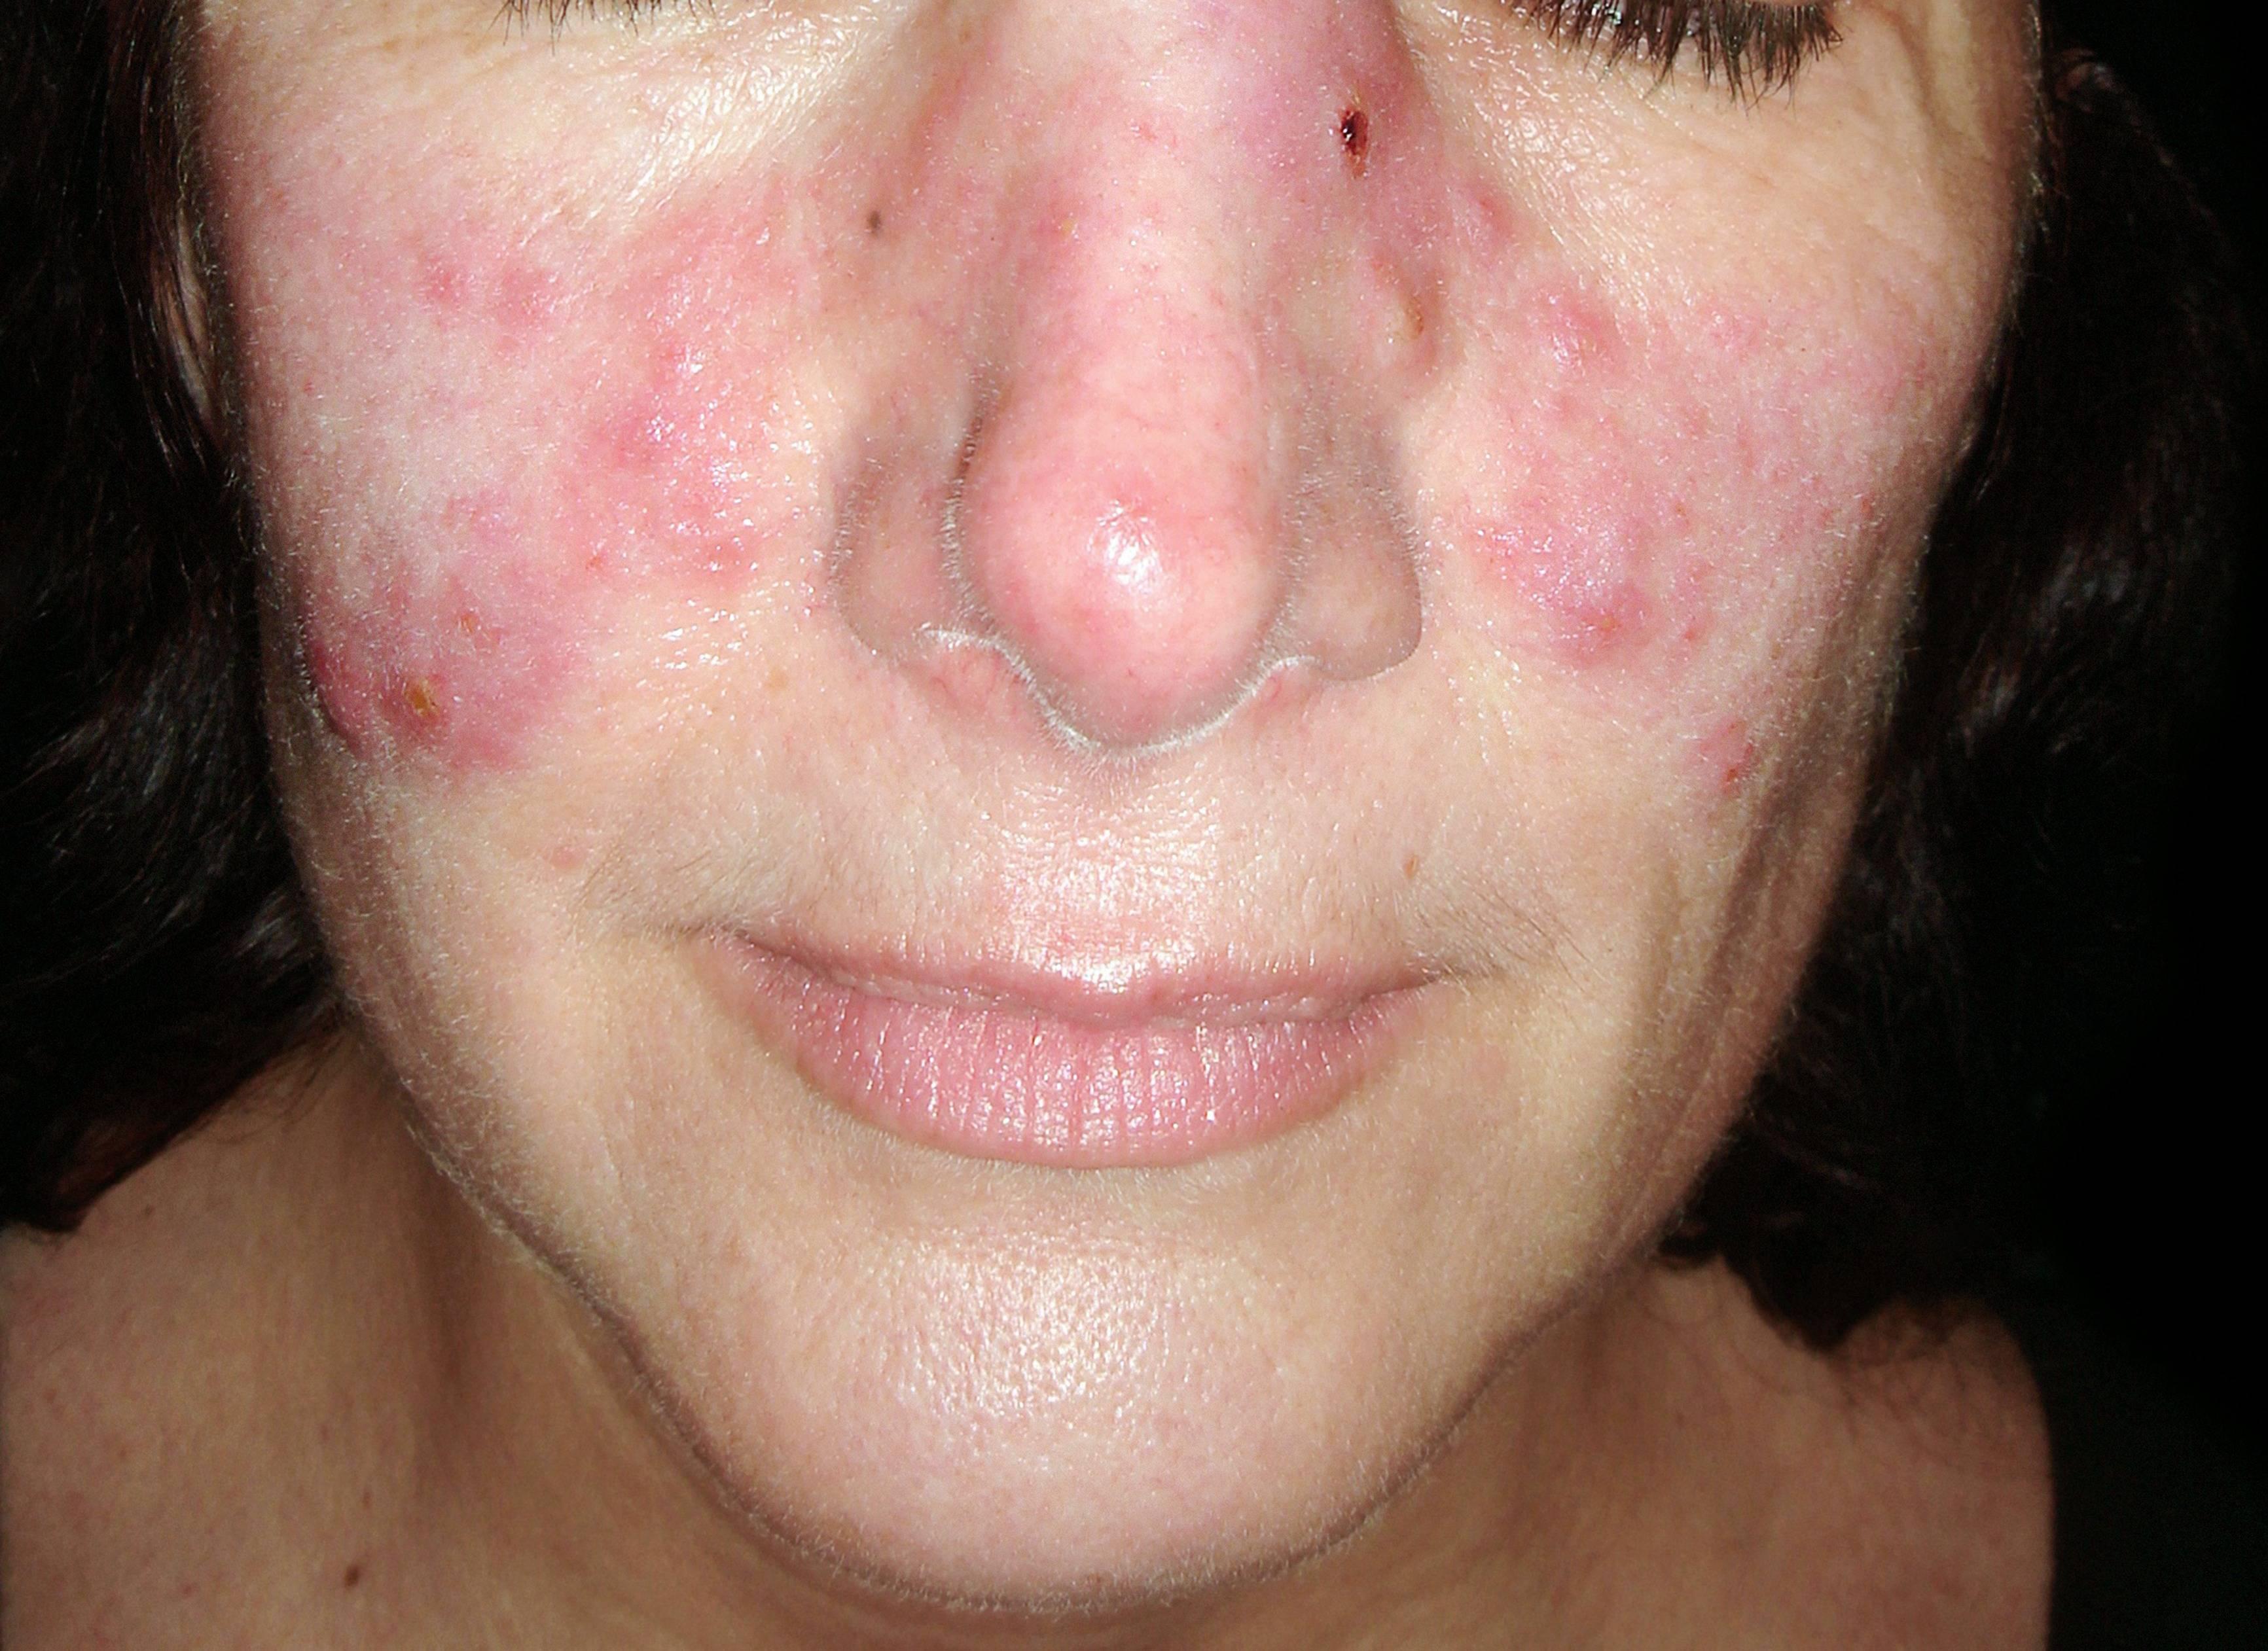 vörös foltok az arcon fejbőrön szakállas területen